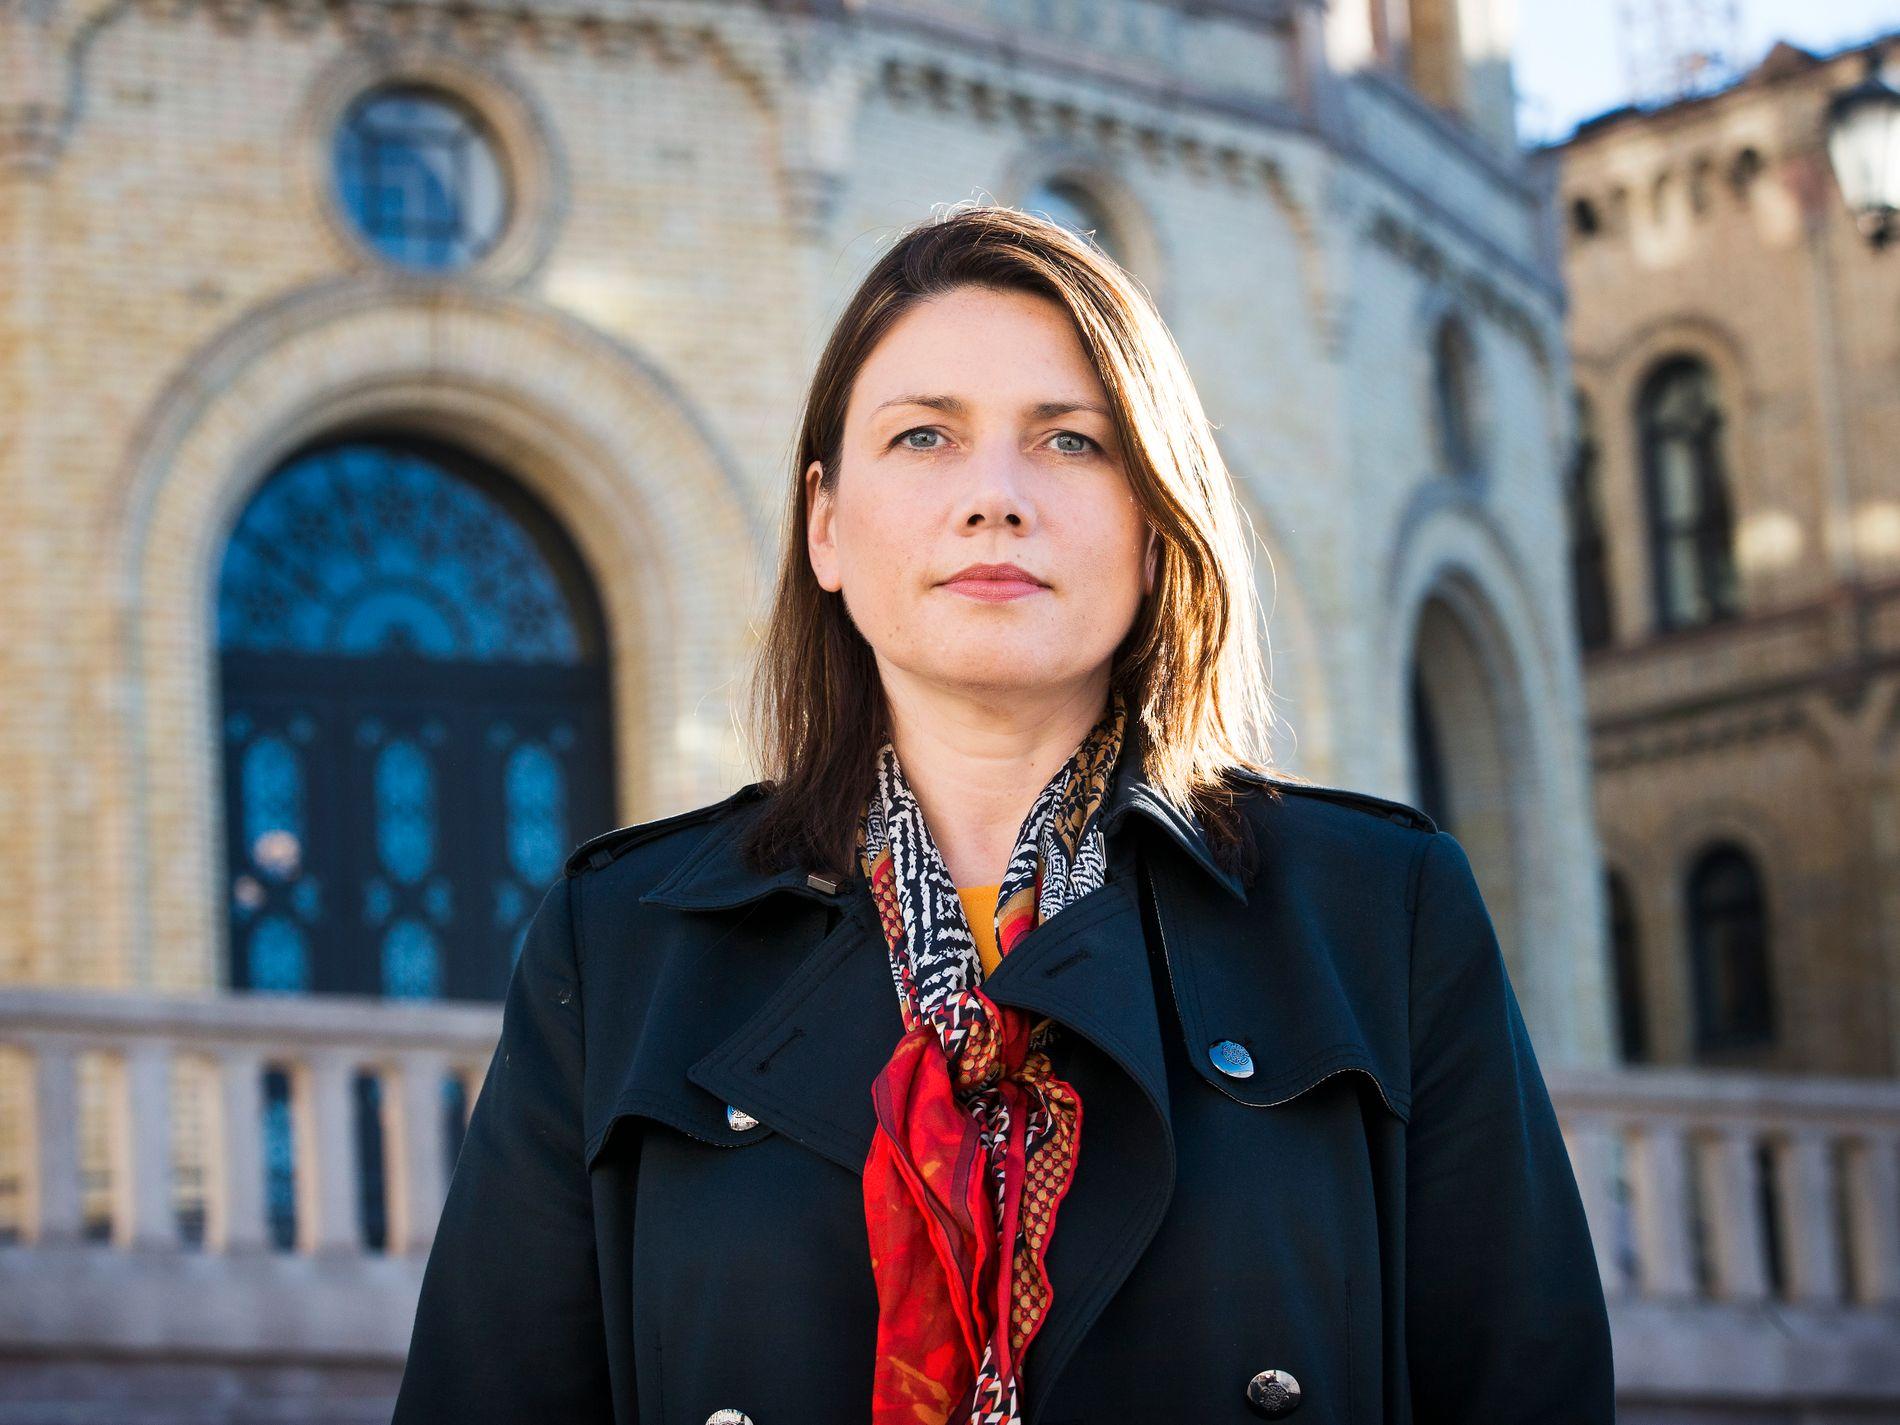 Høyres leder i Oslo Heidi Nordby Lunde. Foto: FRODE HANSEN, VG